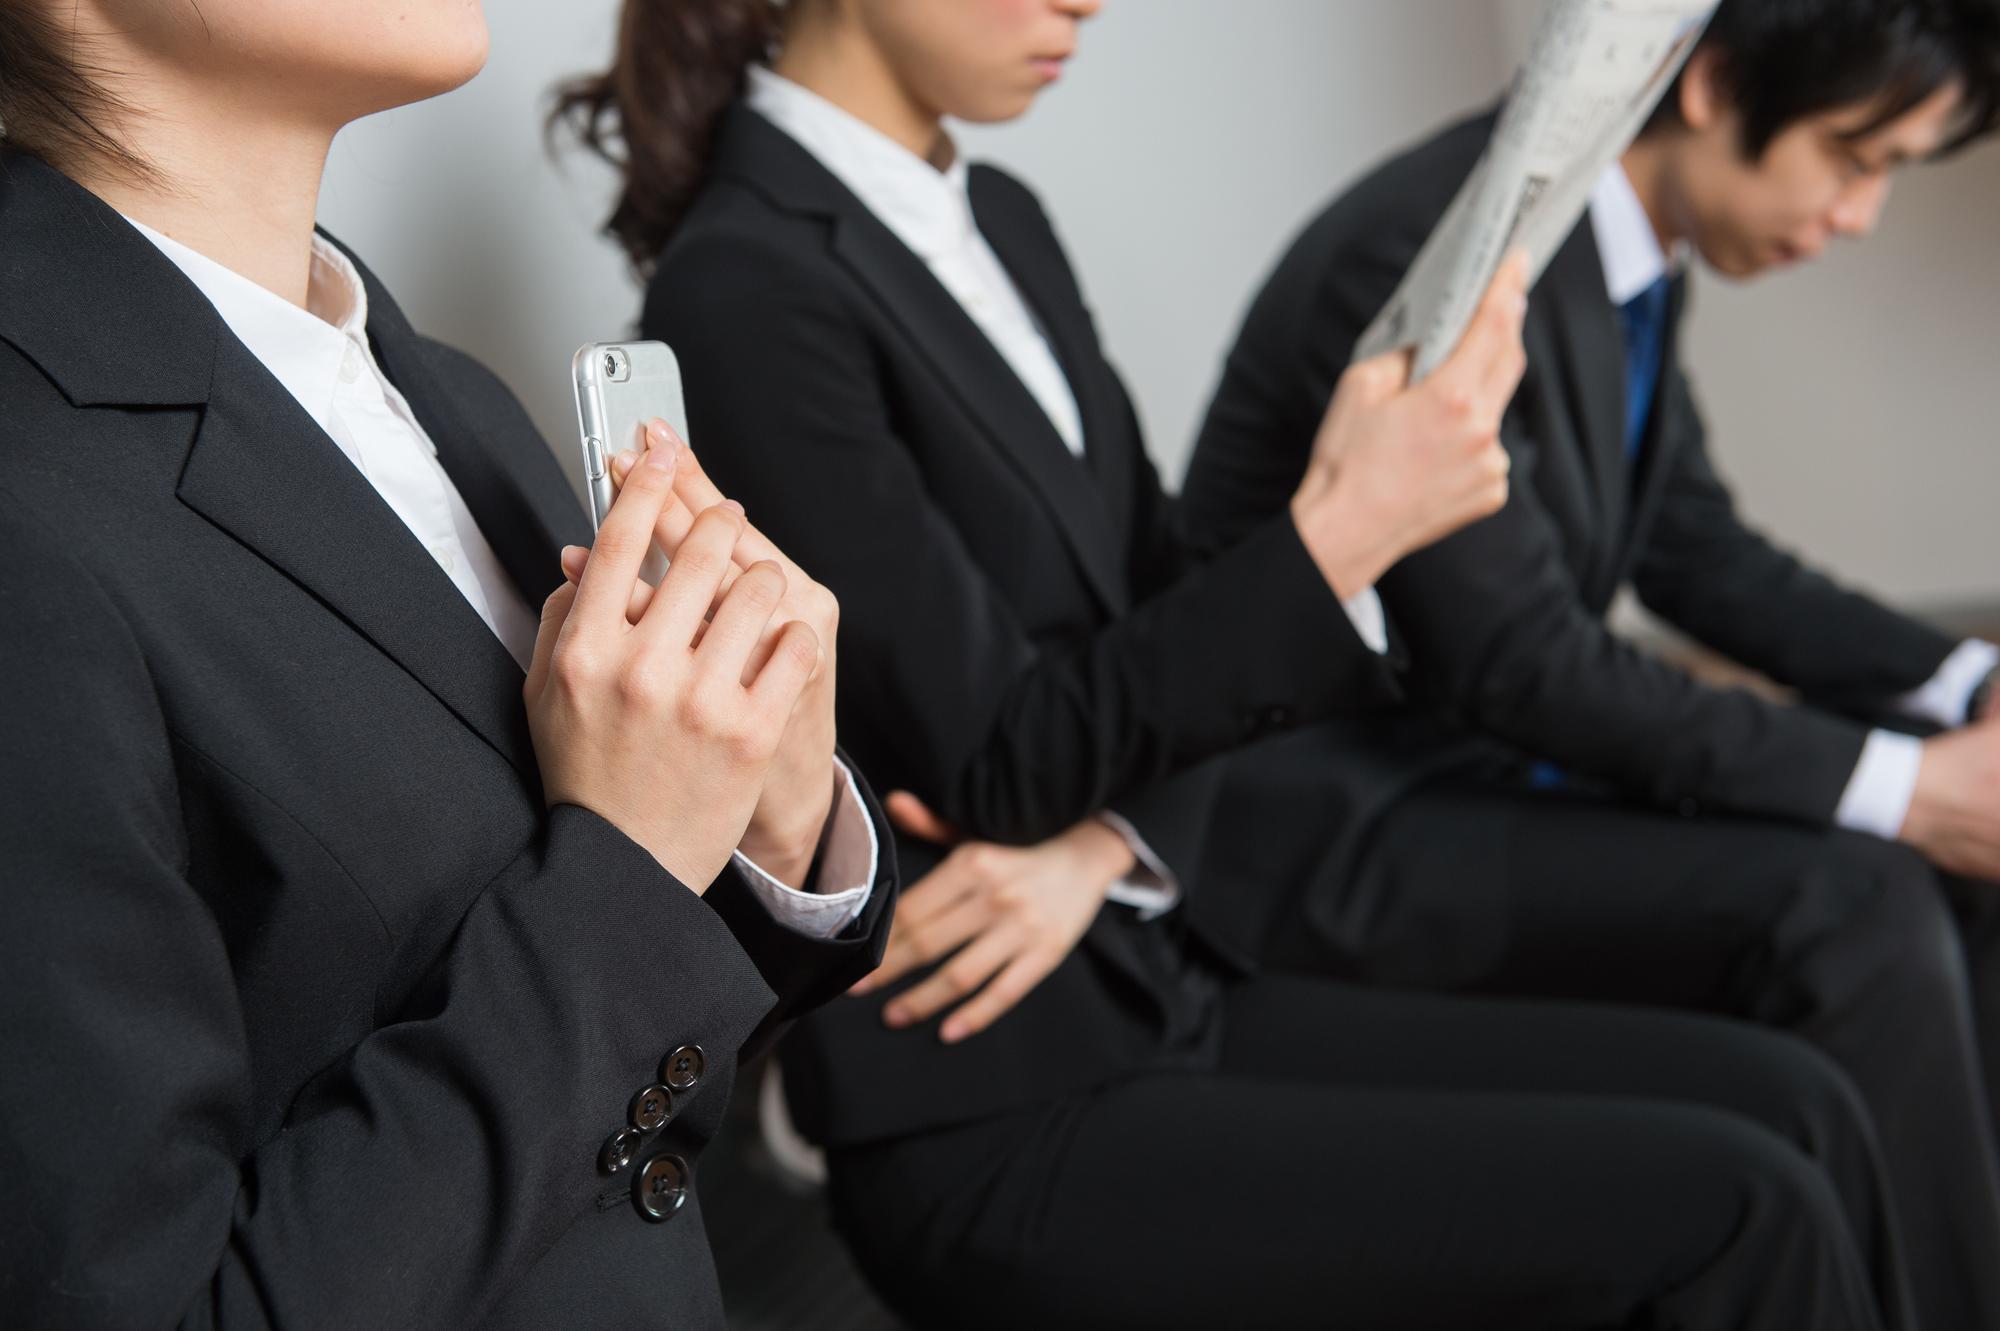 審査を控える女性たち